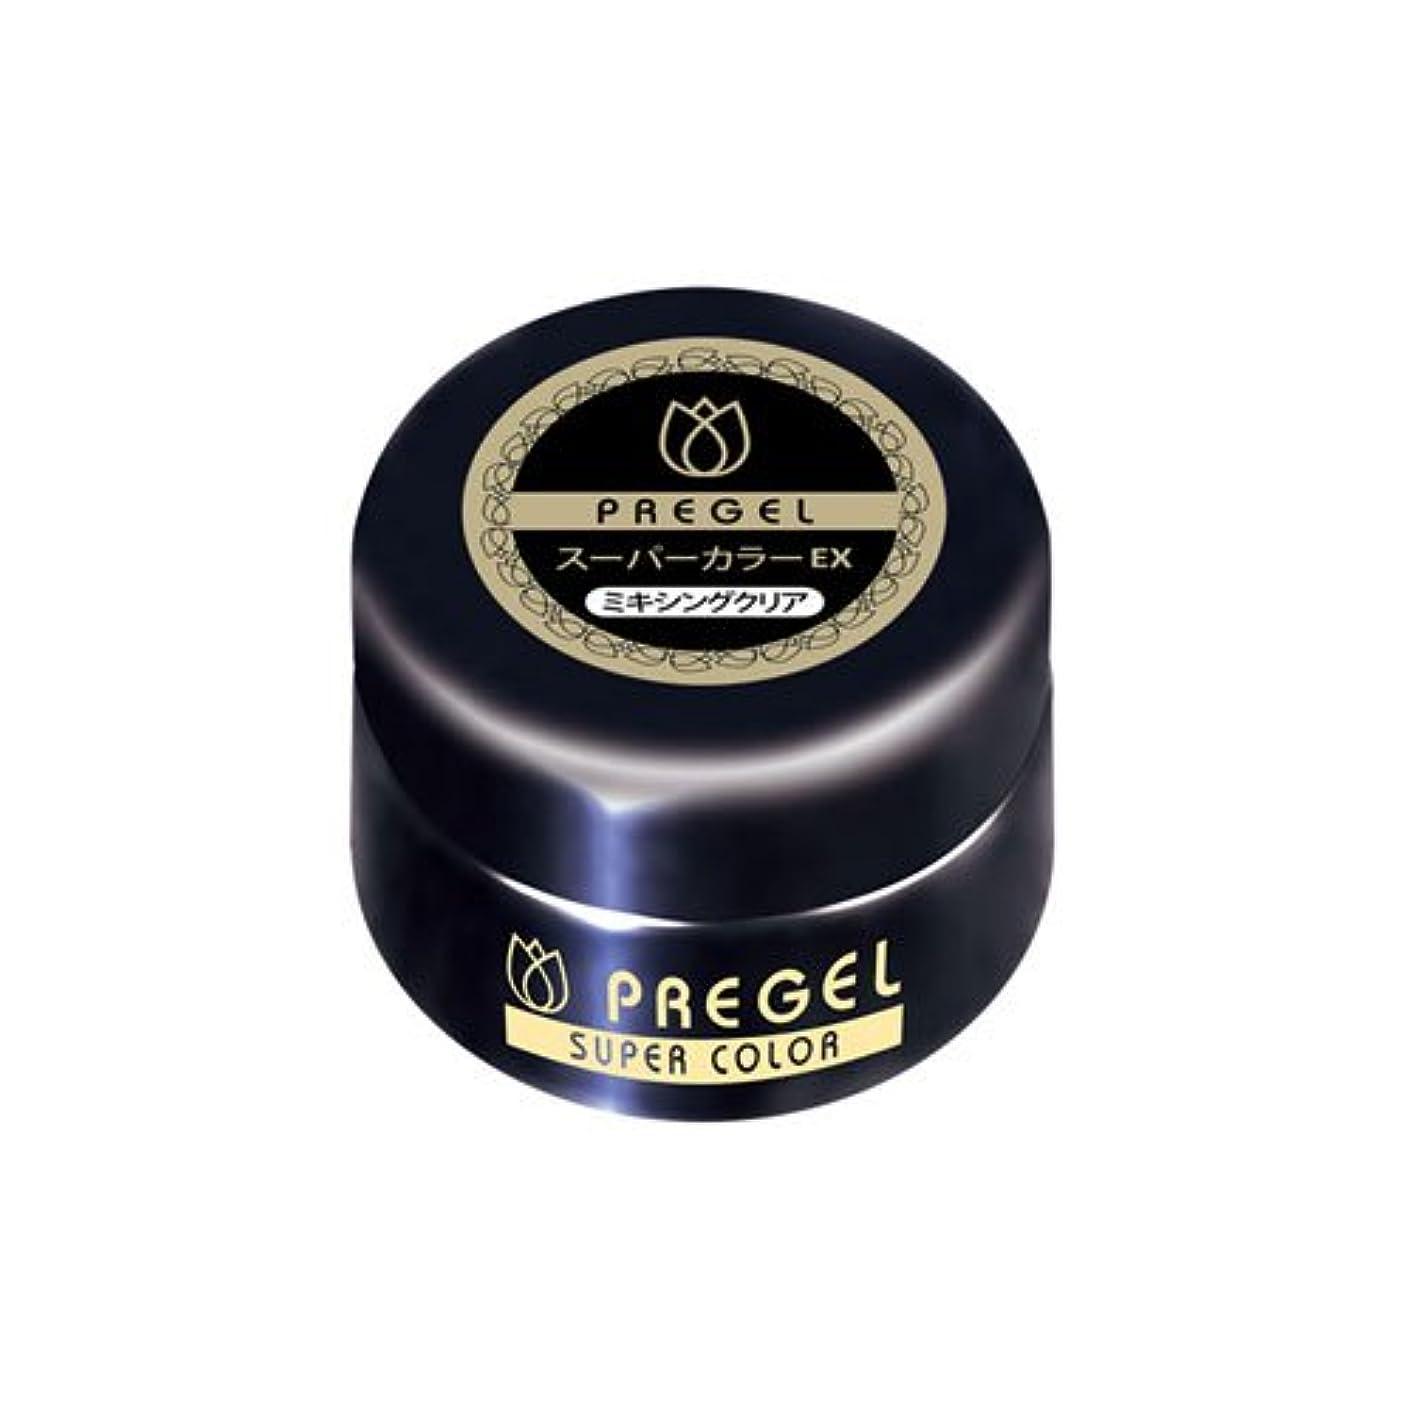 提案望み格差プリジェル スーパーカラーEX ミキシングクリア 4g  カラージェルの薄め用ジェル UV/LED対応